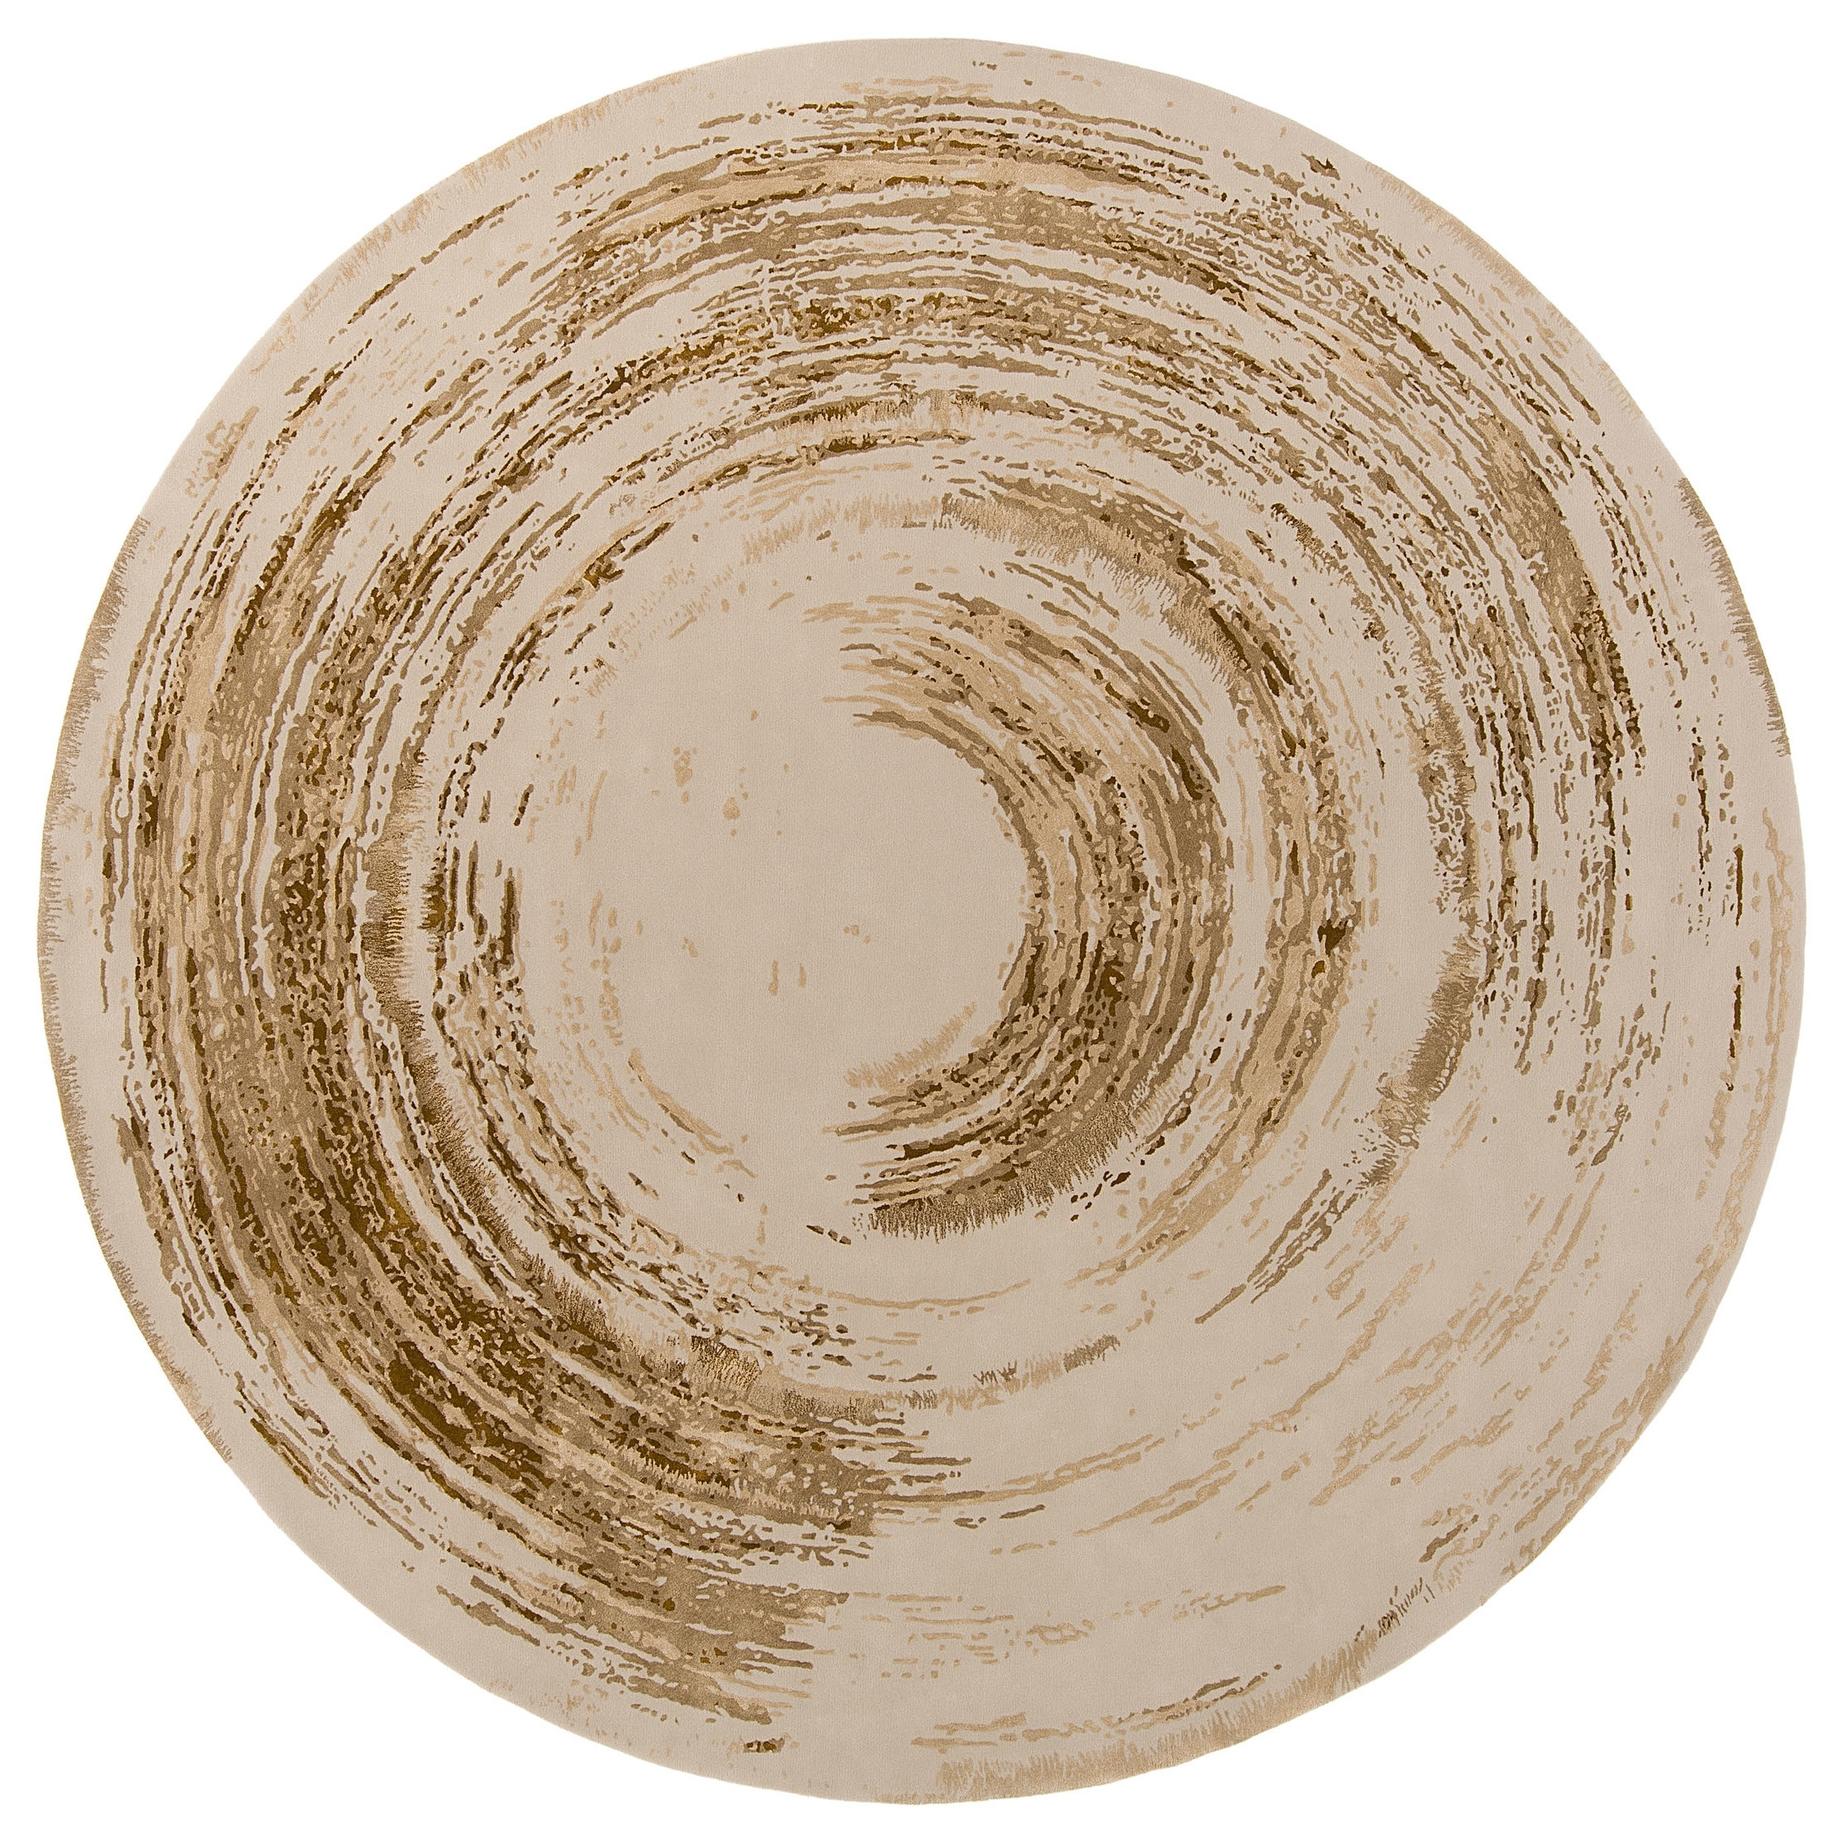 Disc I